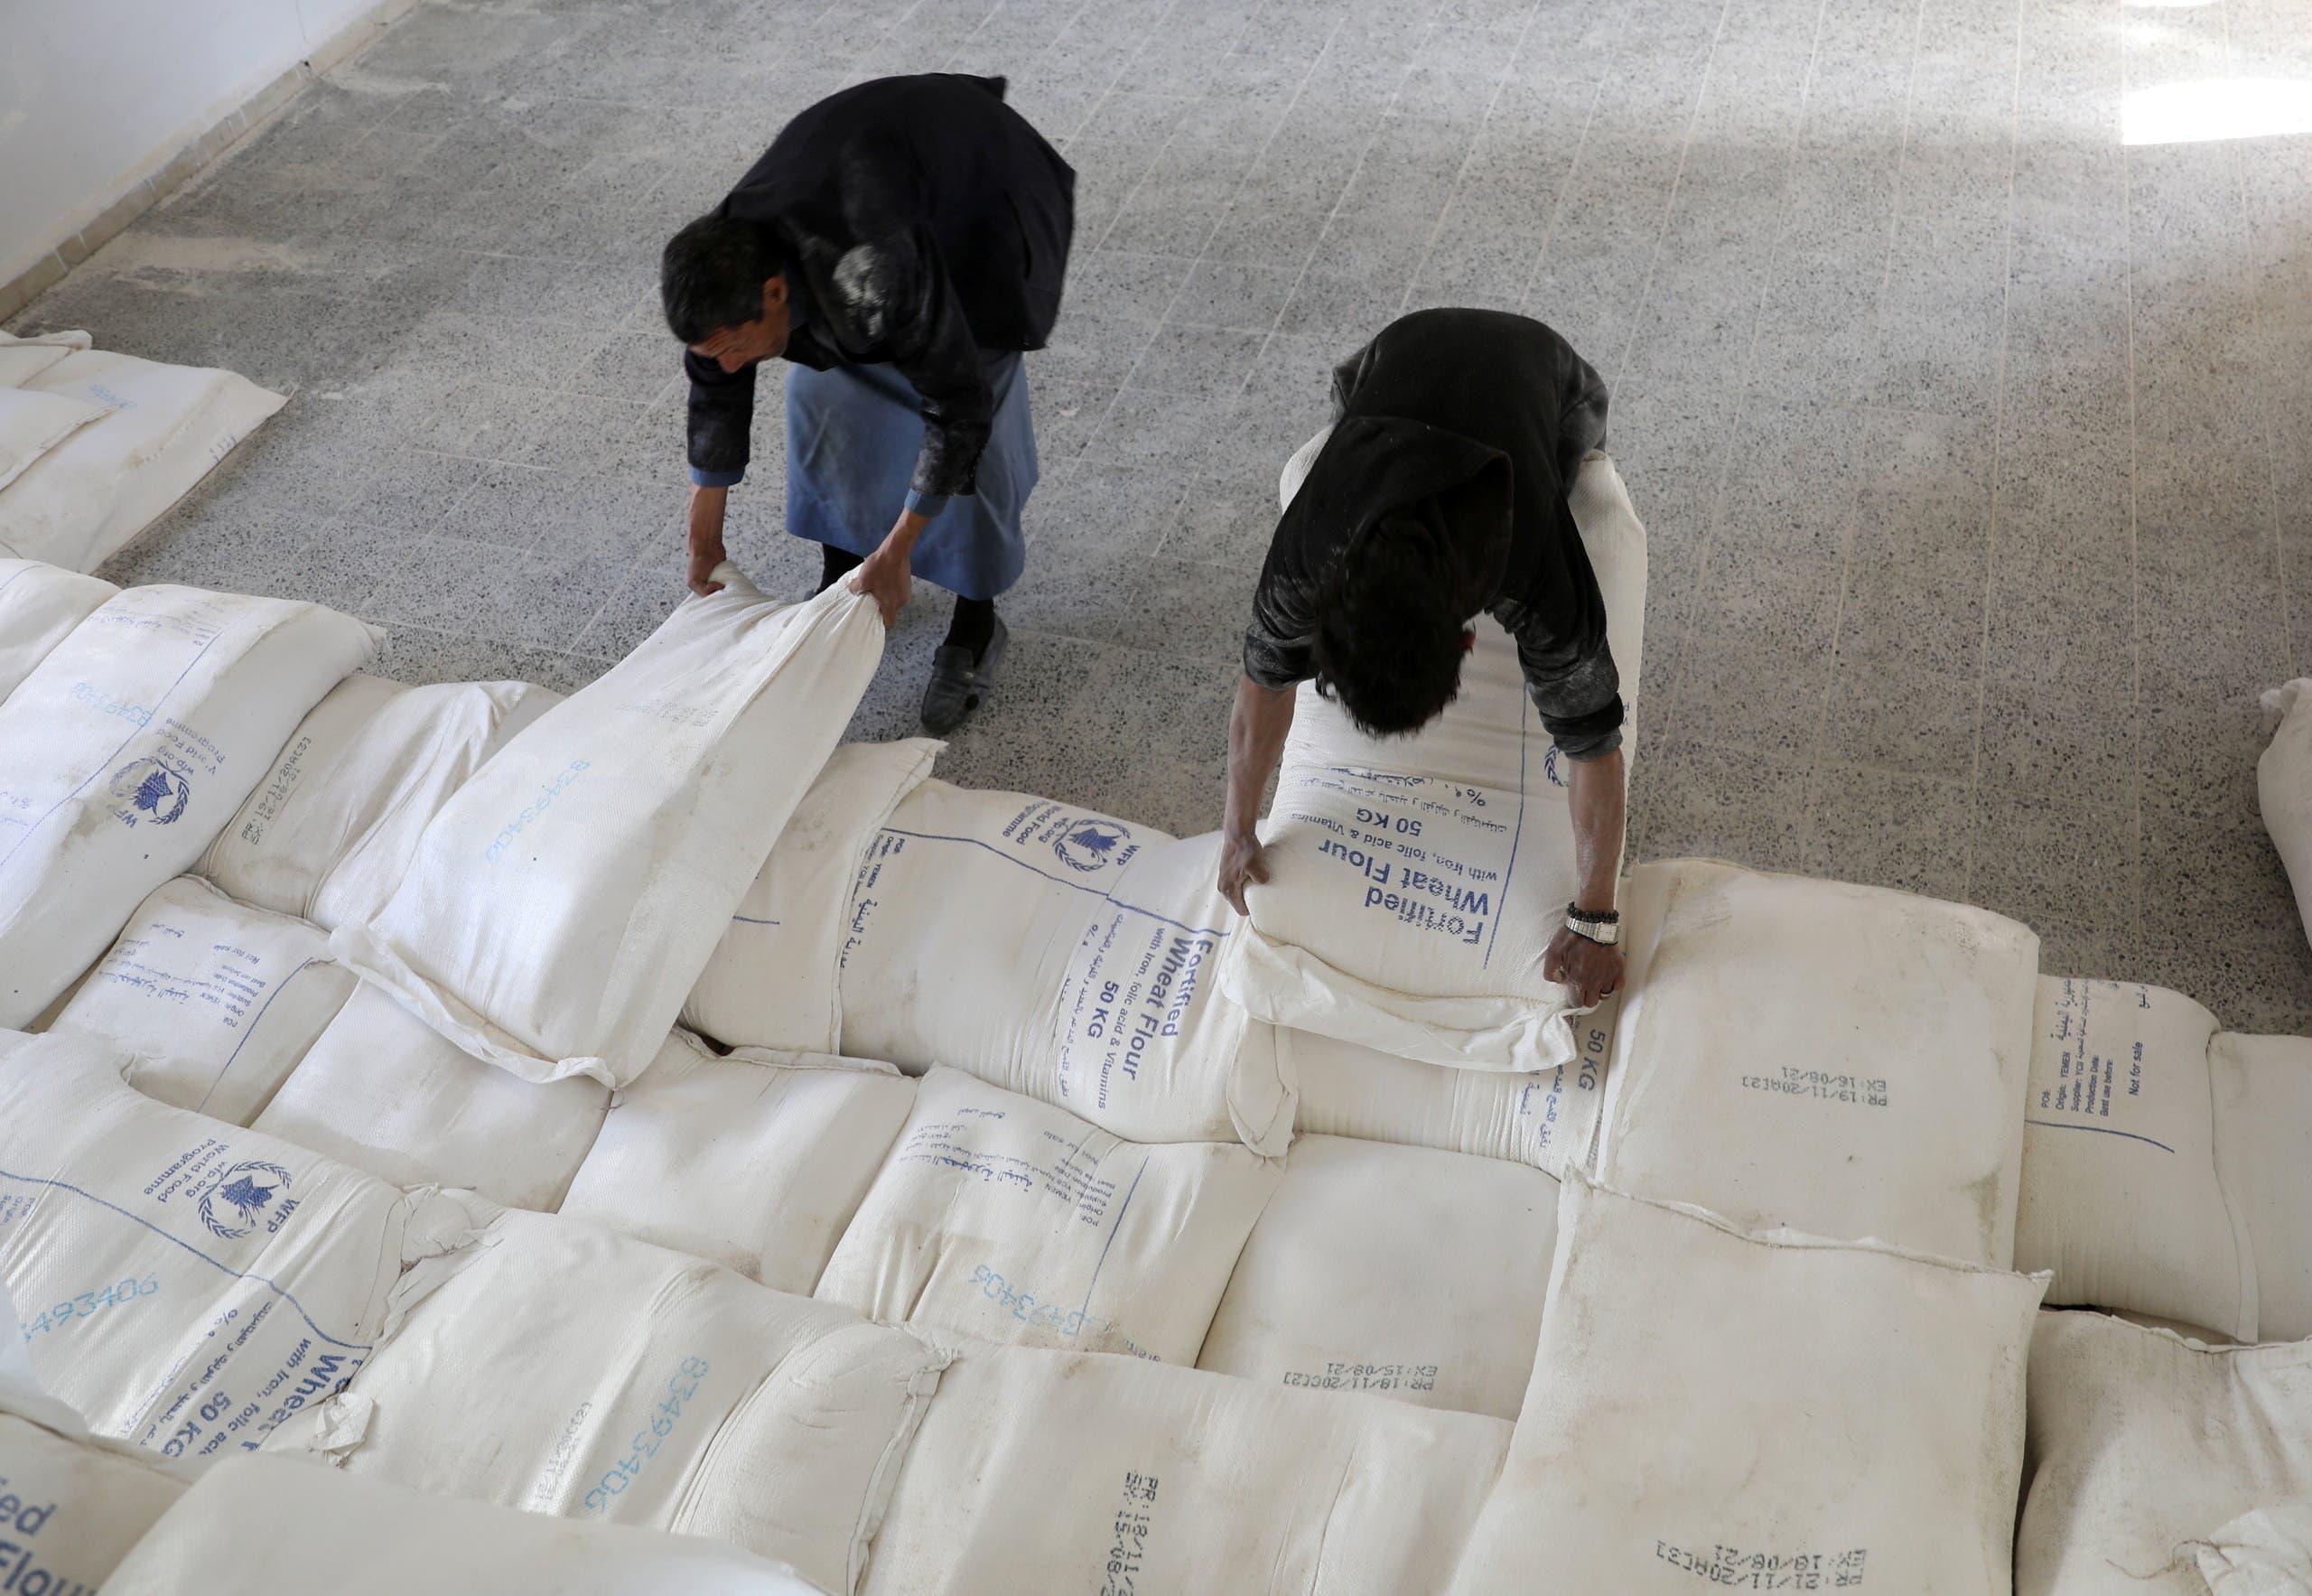 امدادی سامان کے مرکز میں مزدور سیمنٹ کی بوریاں اٹھا رہے ہیں